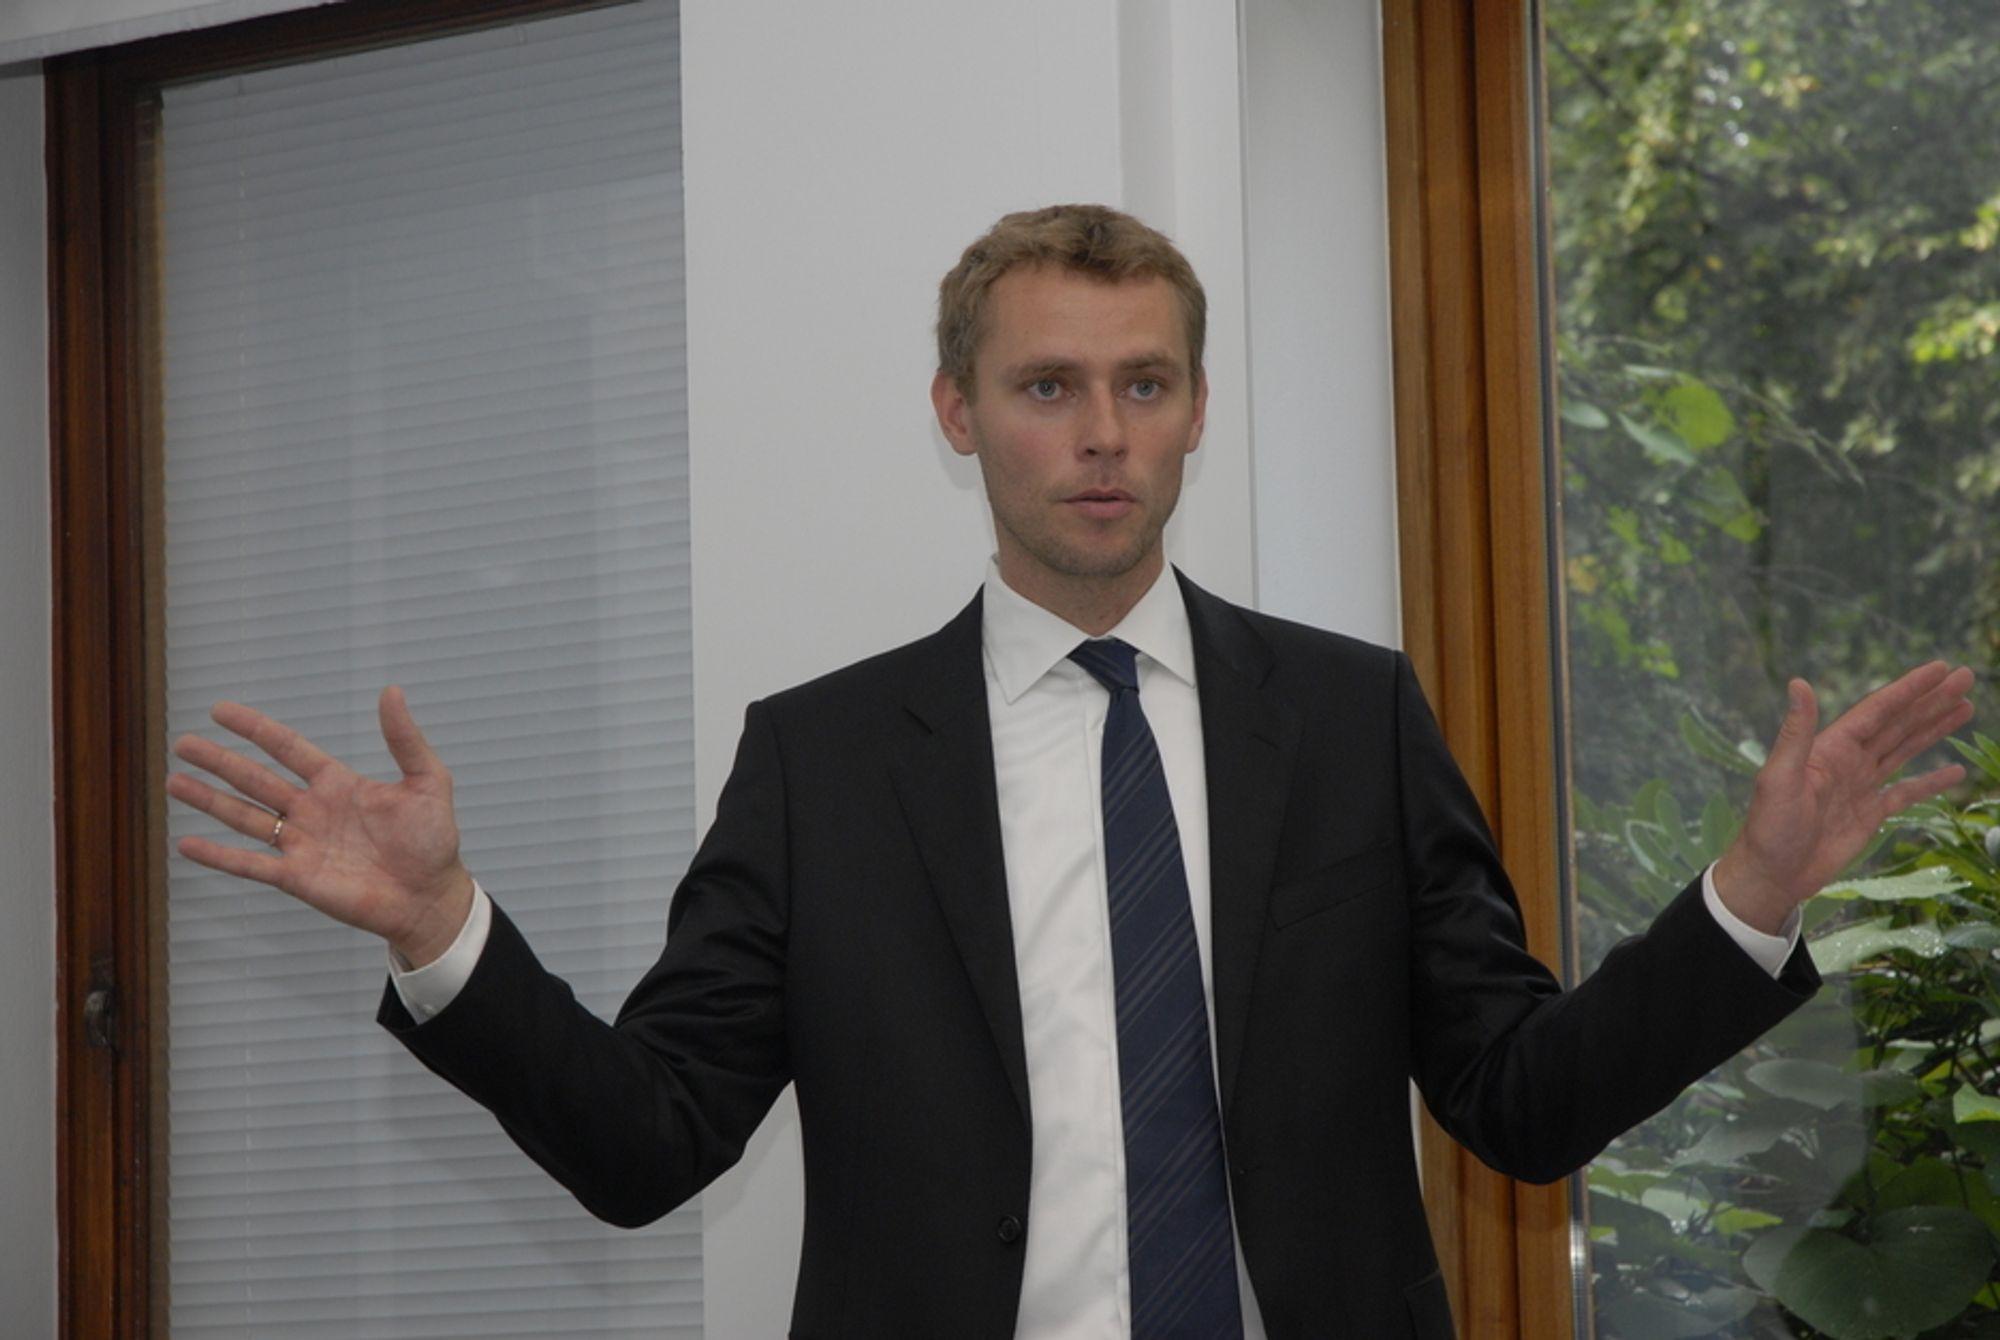 AVVISER BATTERI-DRØMMERIER: Norsk vannkraft vil aldri bli Europas batteri, ifølge energiminister Ola Borten Moe (Sp).